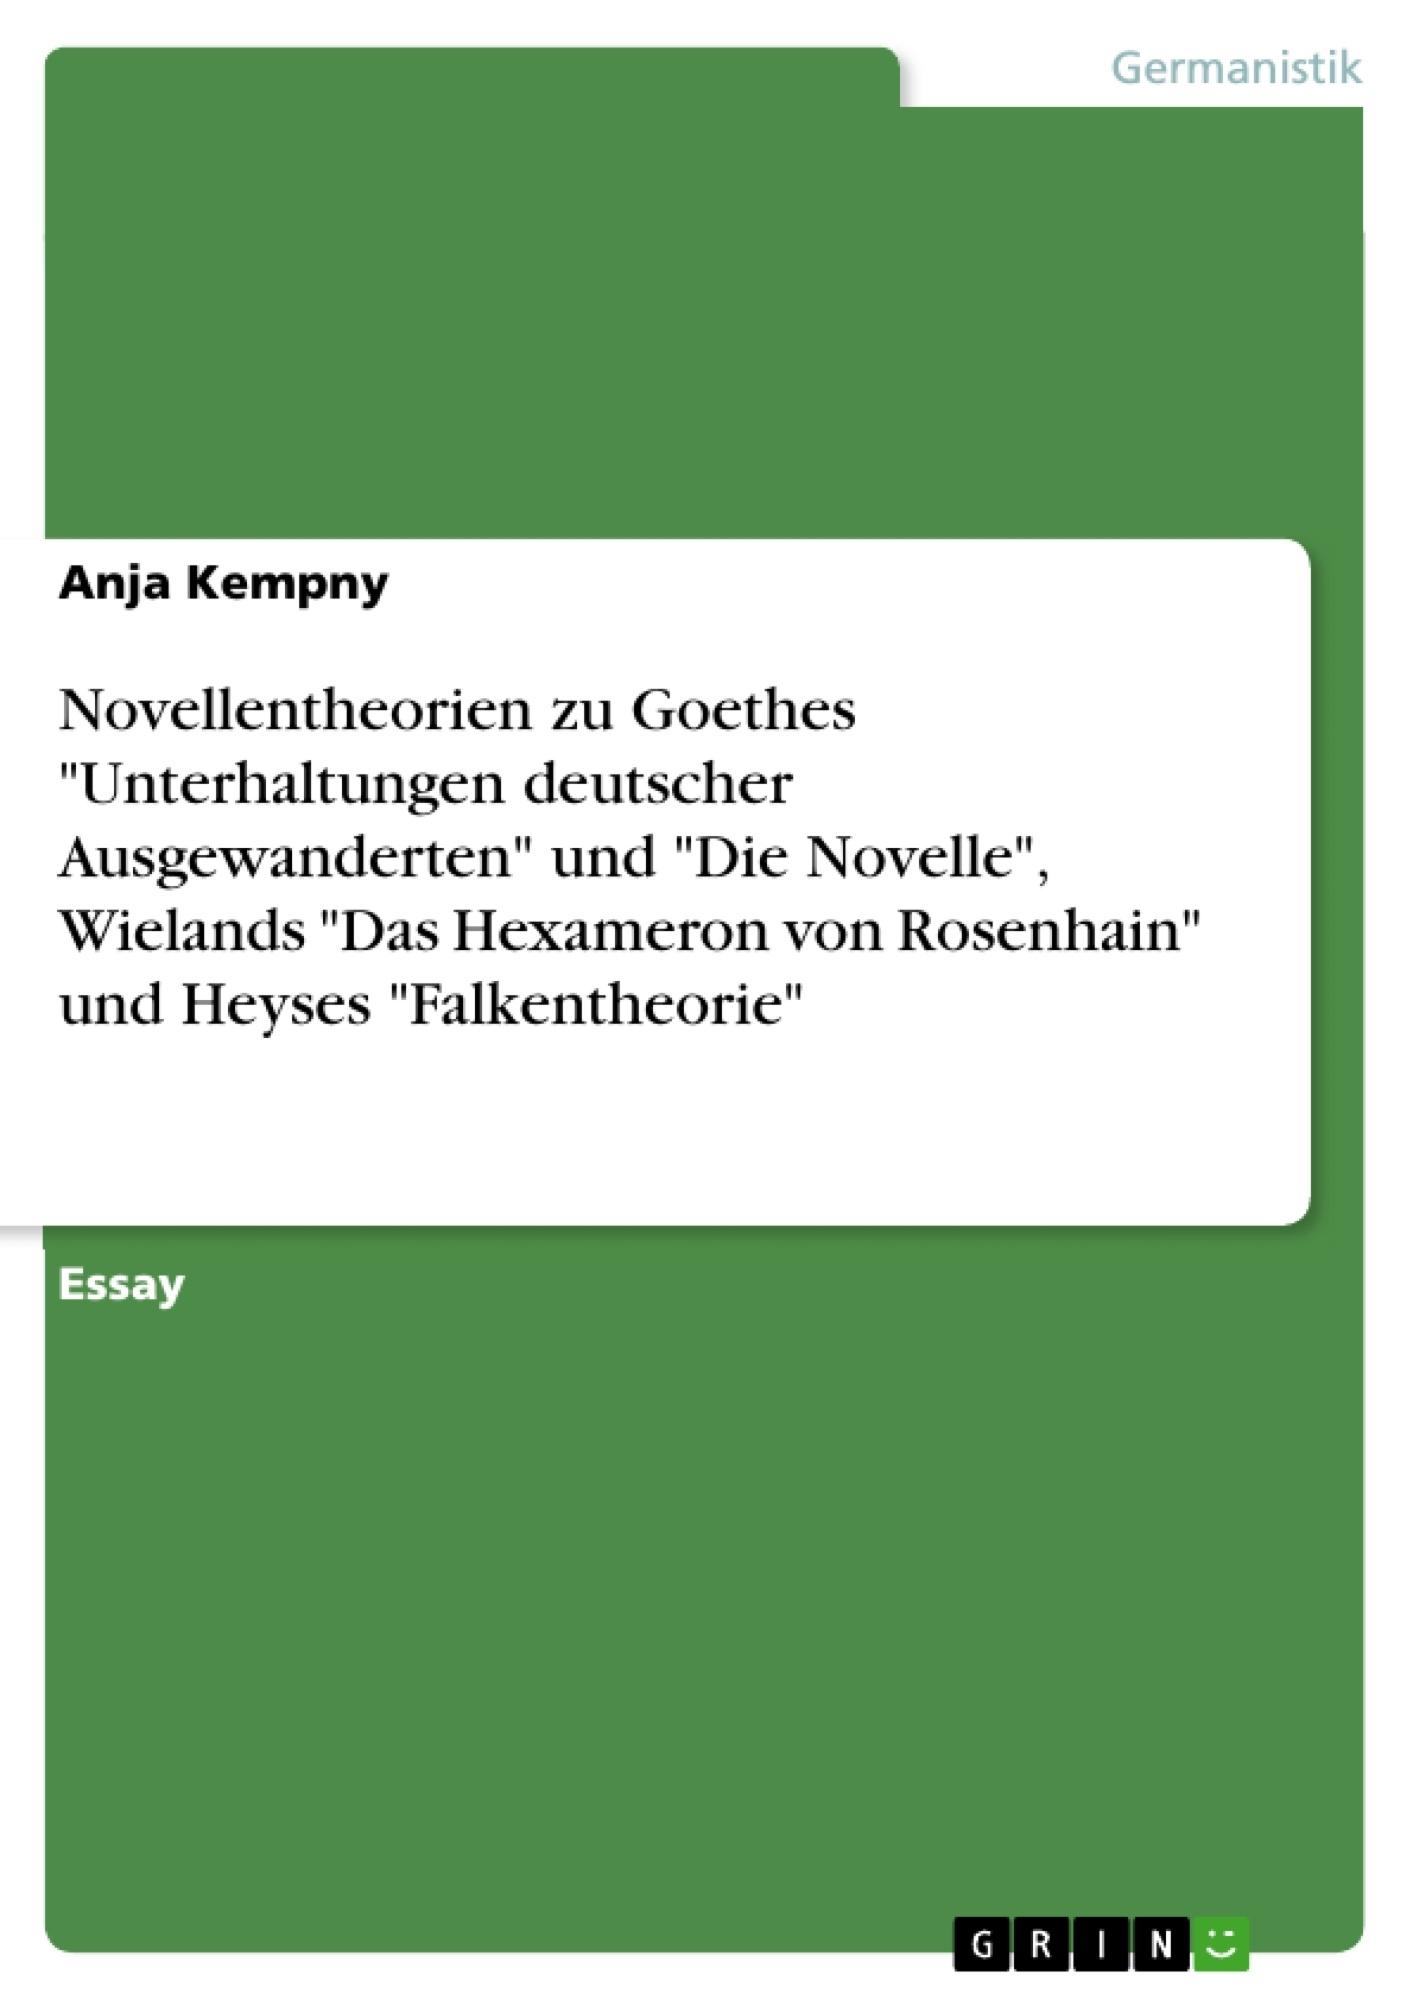 """Titel: Novellentheorien zu Goethes """"Unterhaltungen deutscher Ausgewanderten"""" und """"Die Novelle"""", Wielands """"Das Hexameron von Rosenhain"""" und Heyses """"Falkentheorie"""""""